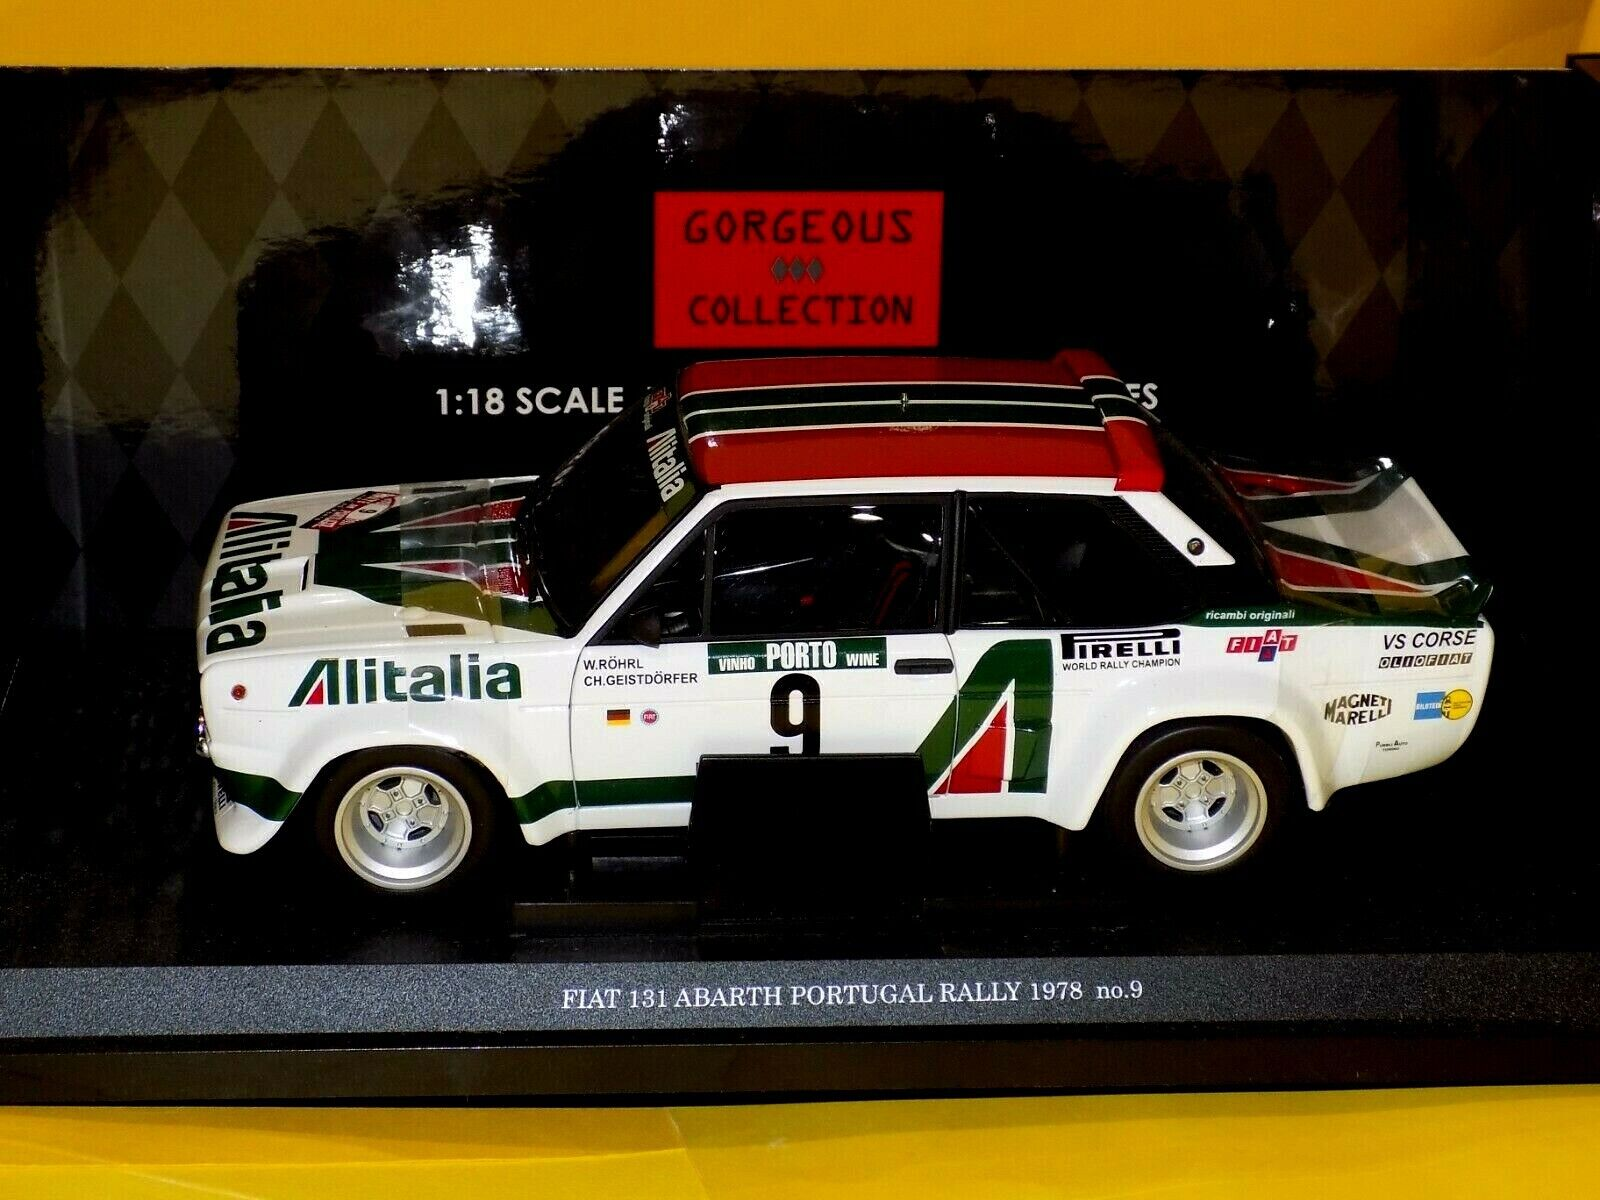 FIAT 131 ABARTH N 9 PORTUGAL 1978 ALITALIA ROHRL GEISTDORFER KYOSHO 08371B 1 18